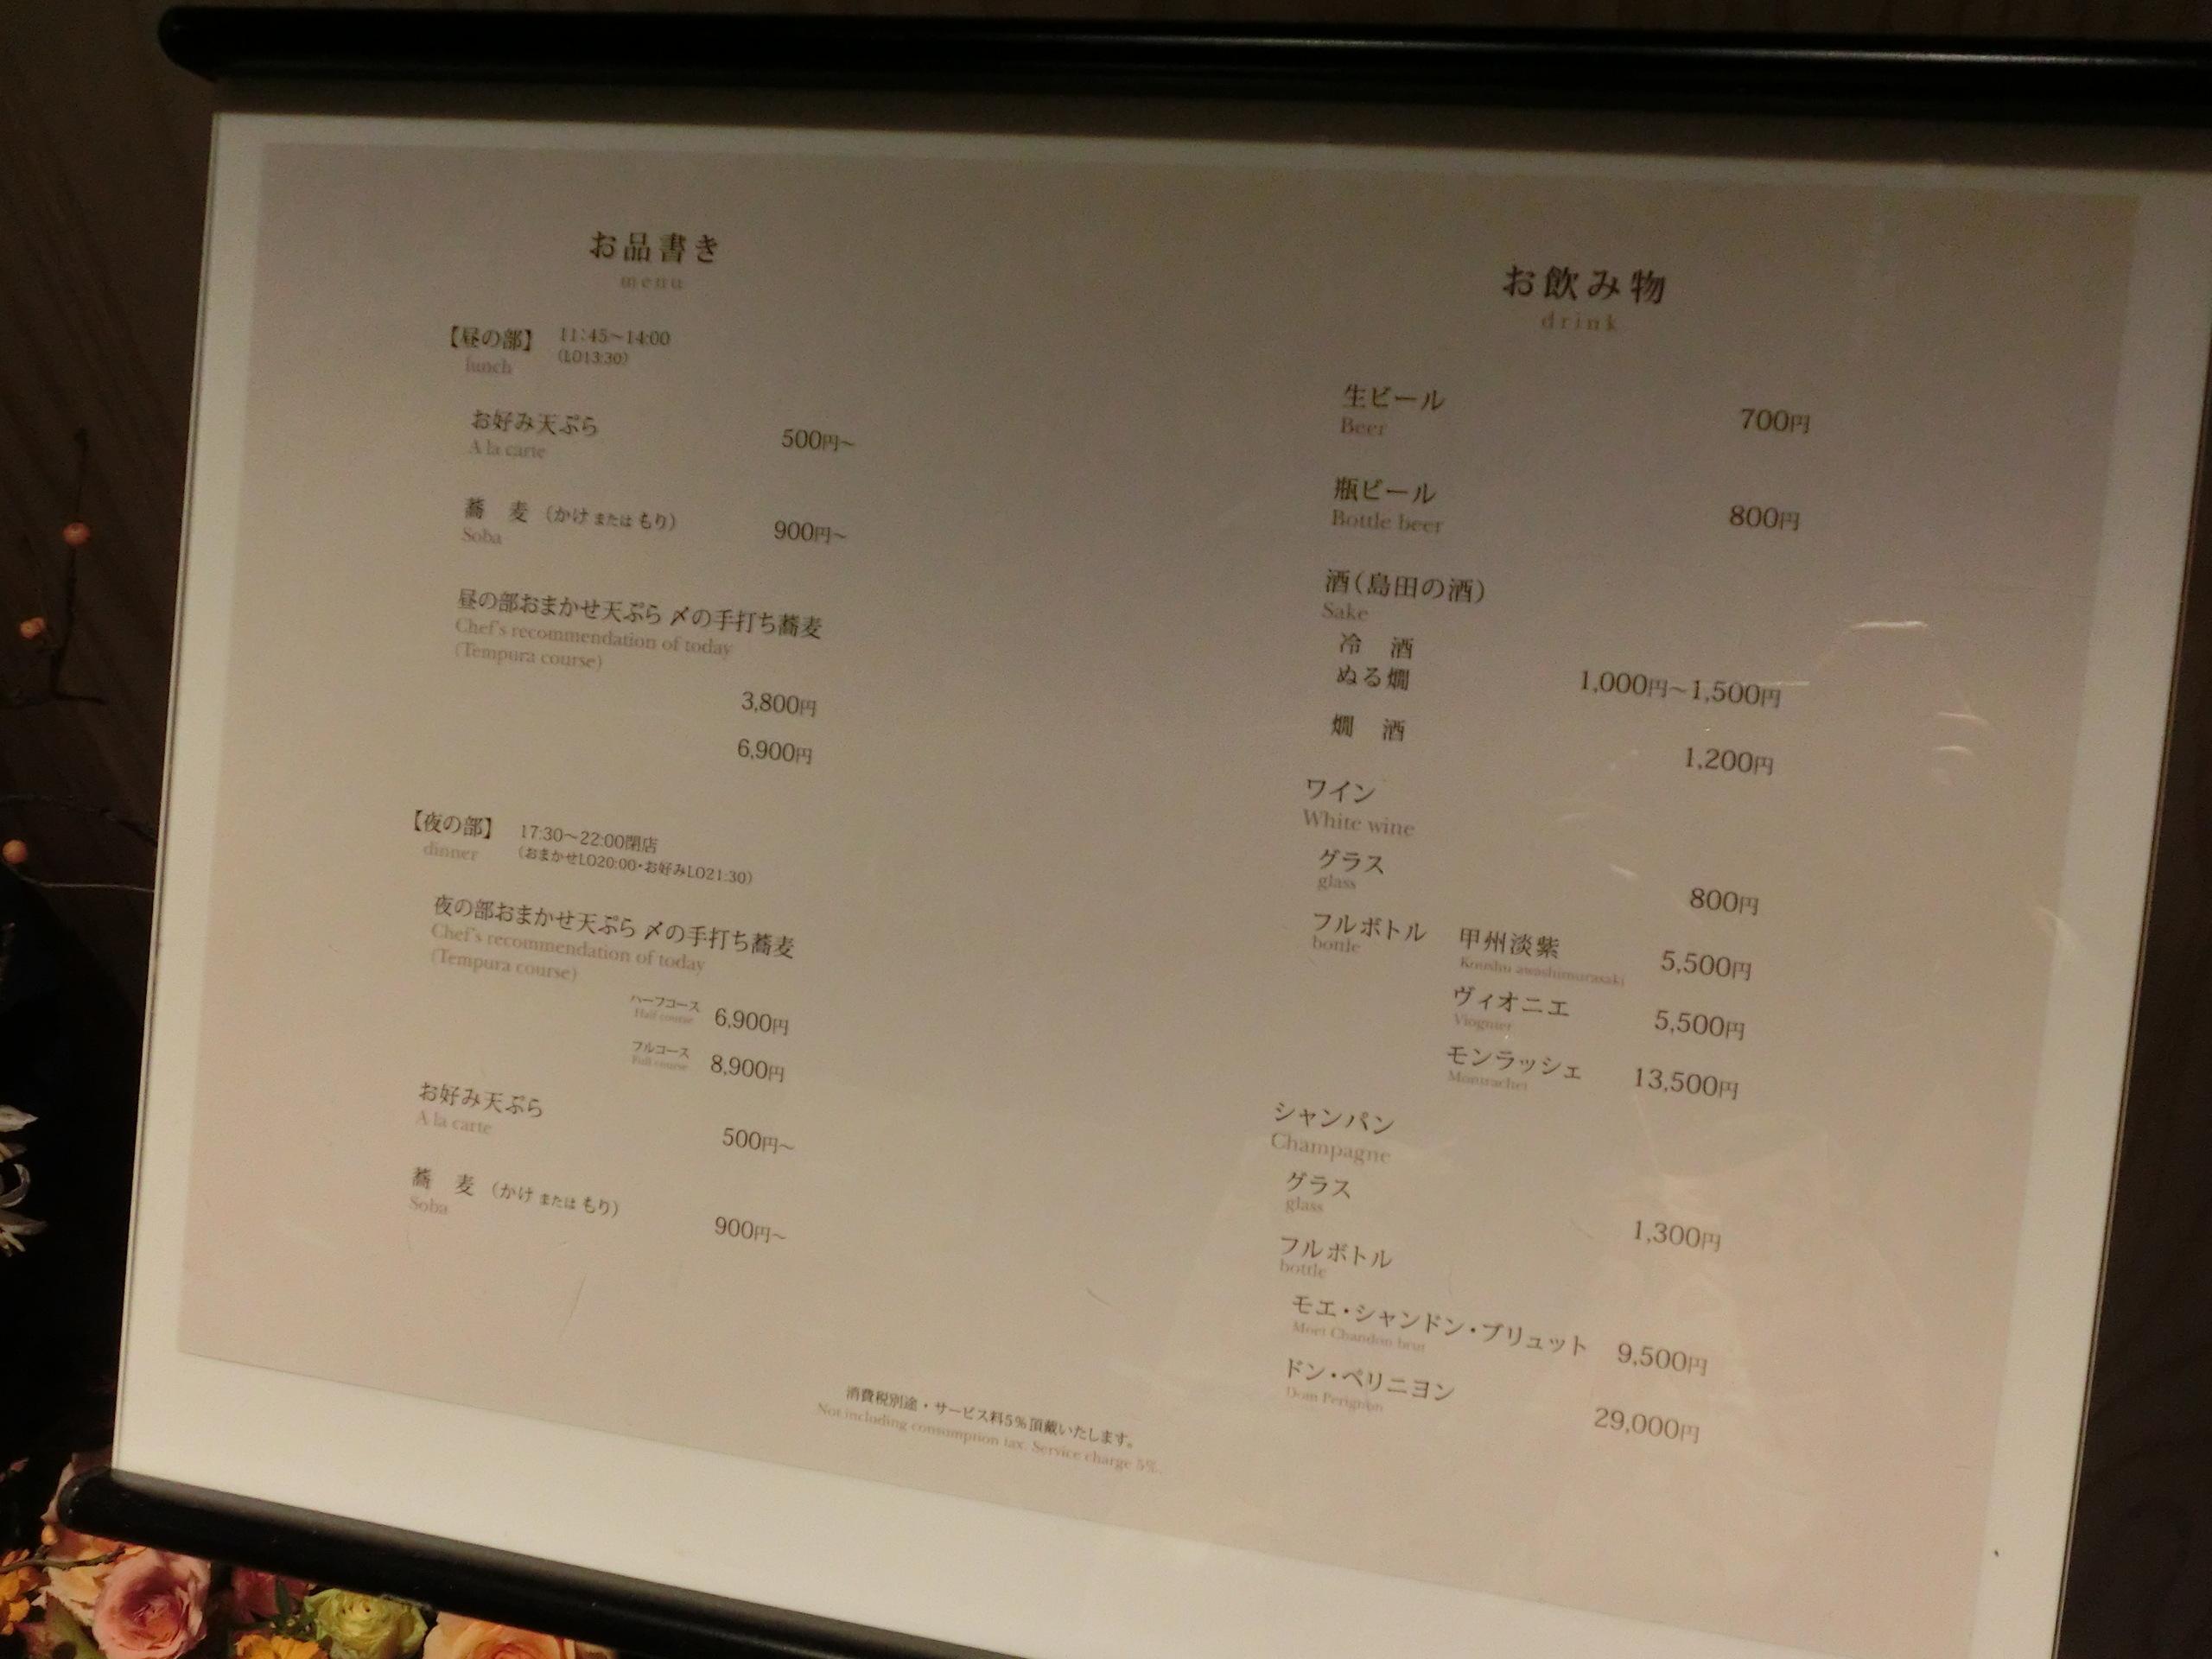 日本橋 蕎ノ字 入口品書